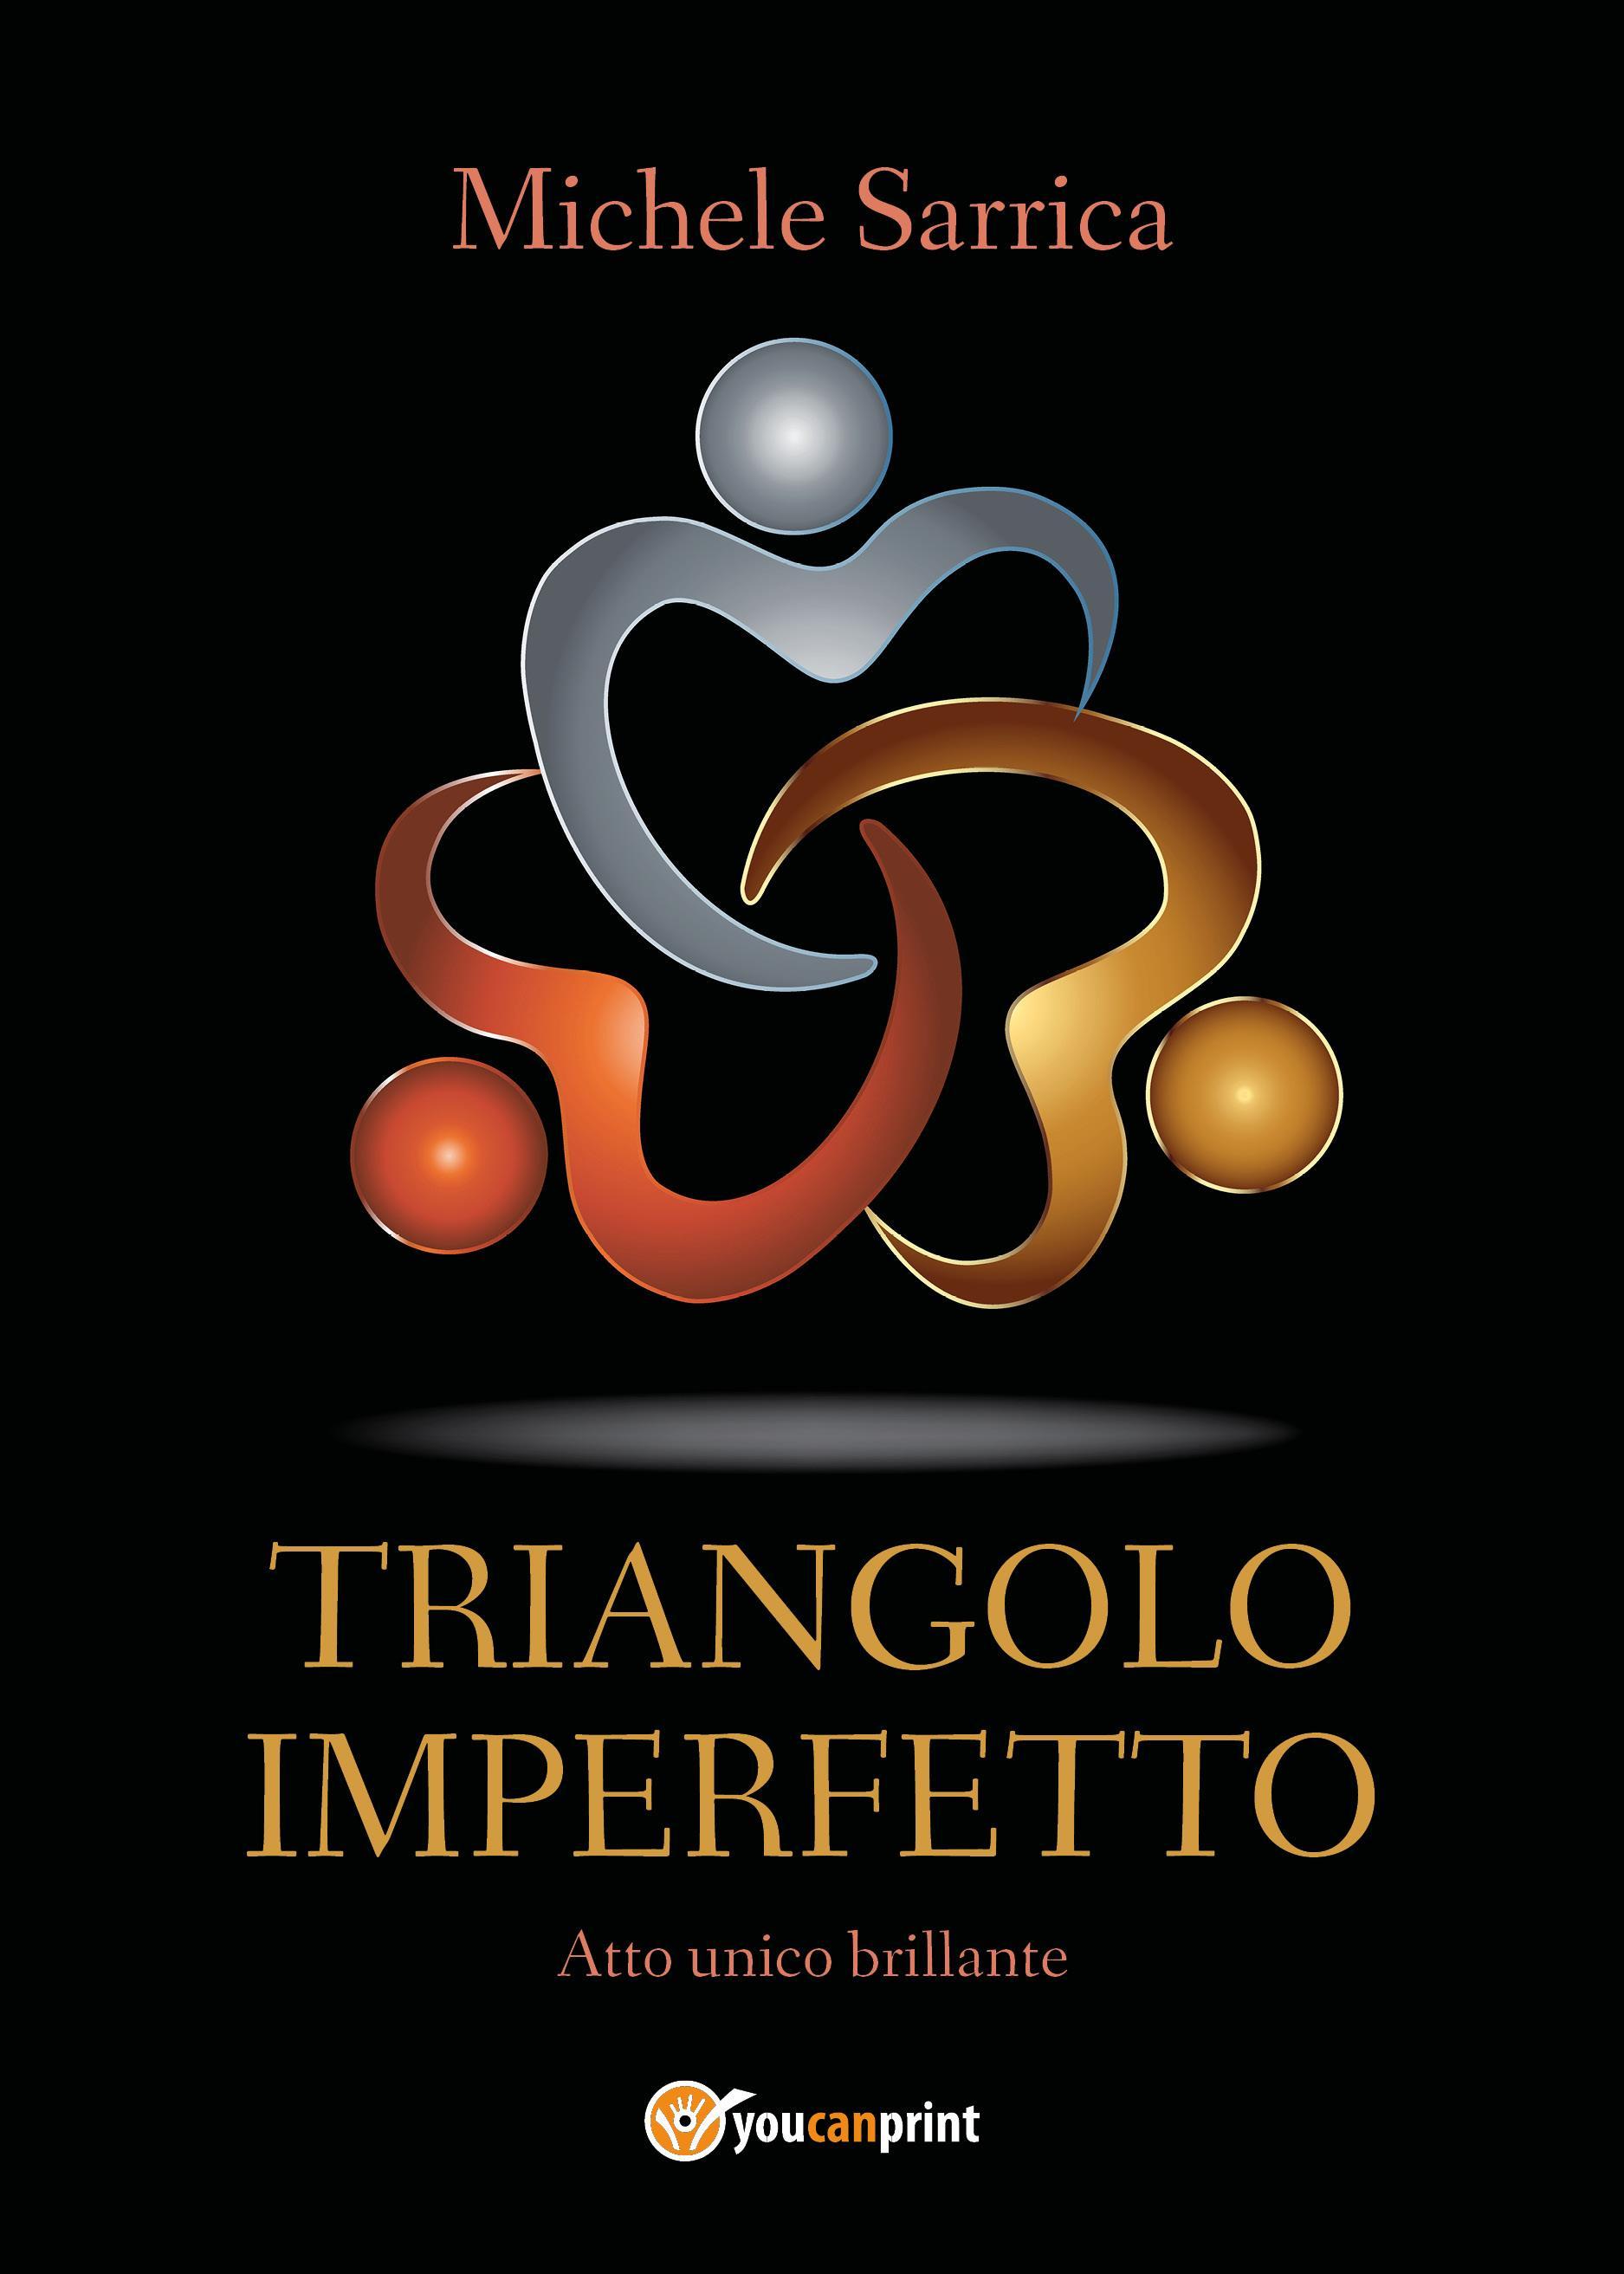 Triangolo imperfetto